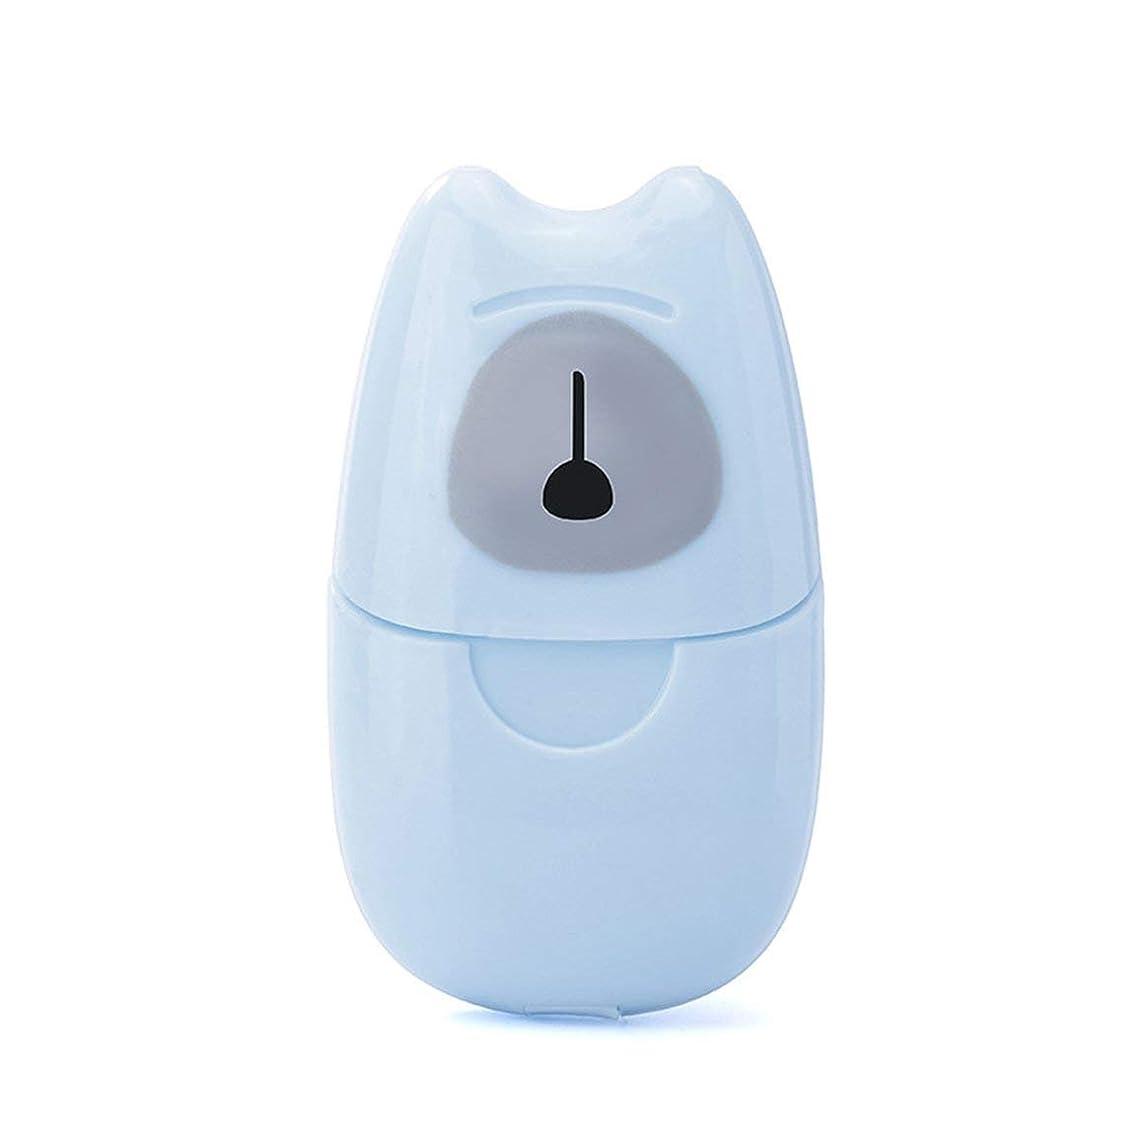 失効スタウト回転する箱入り石鹸紙旅行ポータブルアウトドア手洗い石鹸香りスライスシート50個入りミニ石鹸紙でプラスチックボックス - ブルー